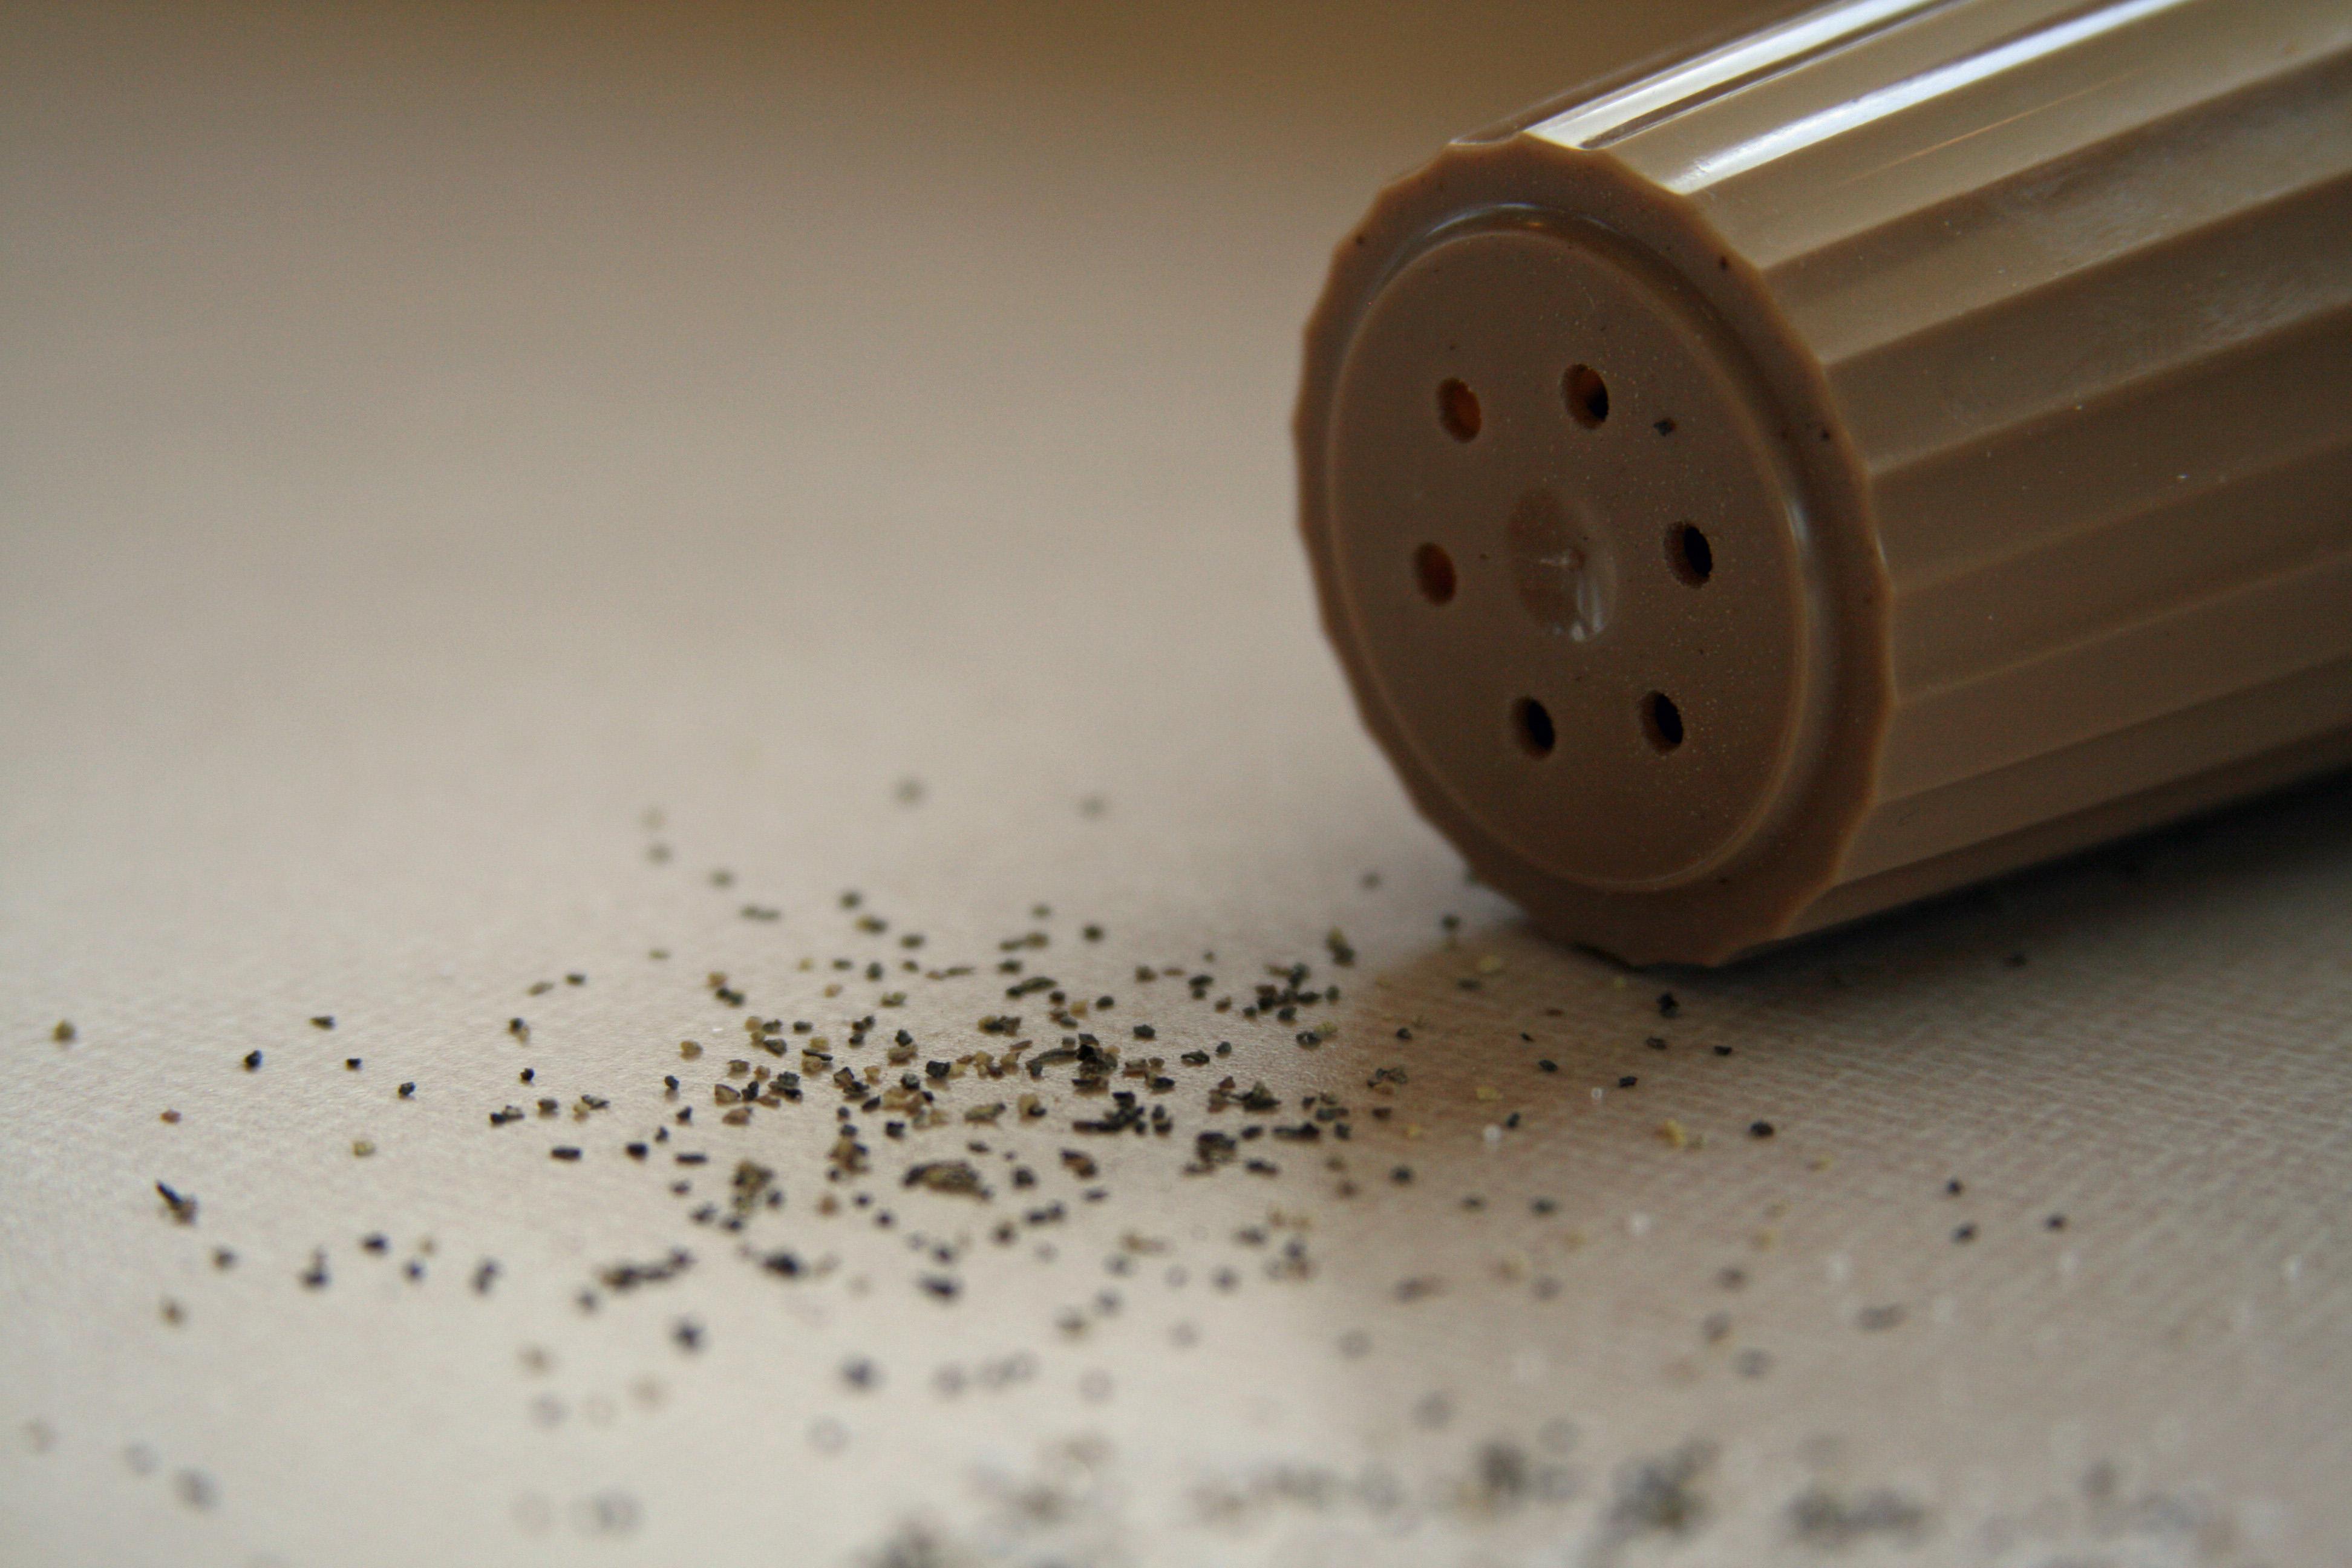 Spilled_Pepper.jpg